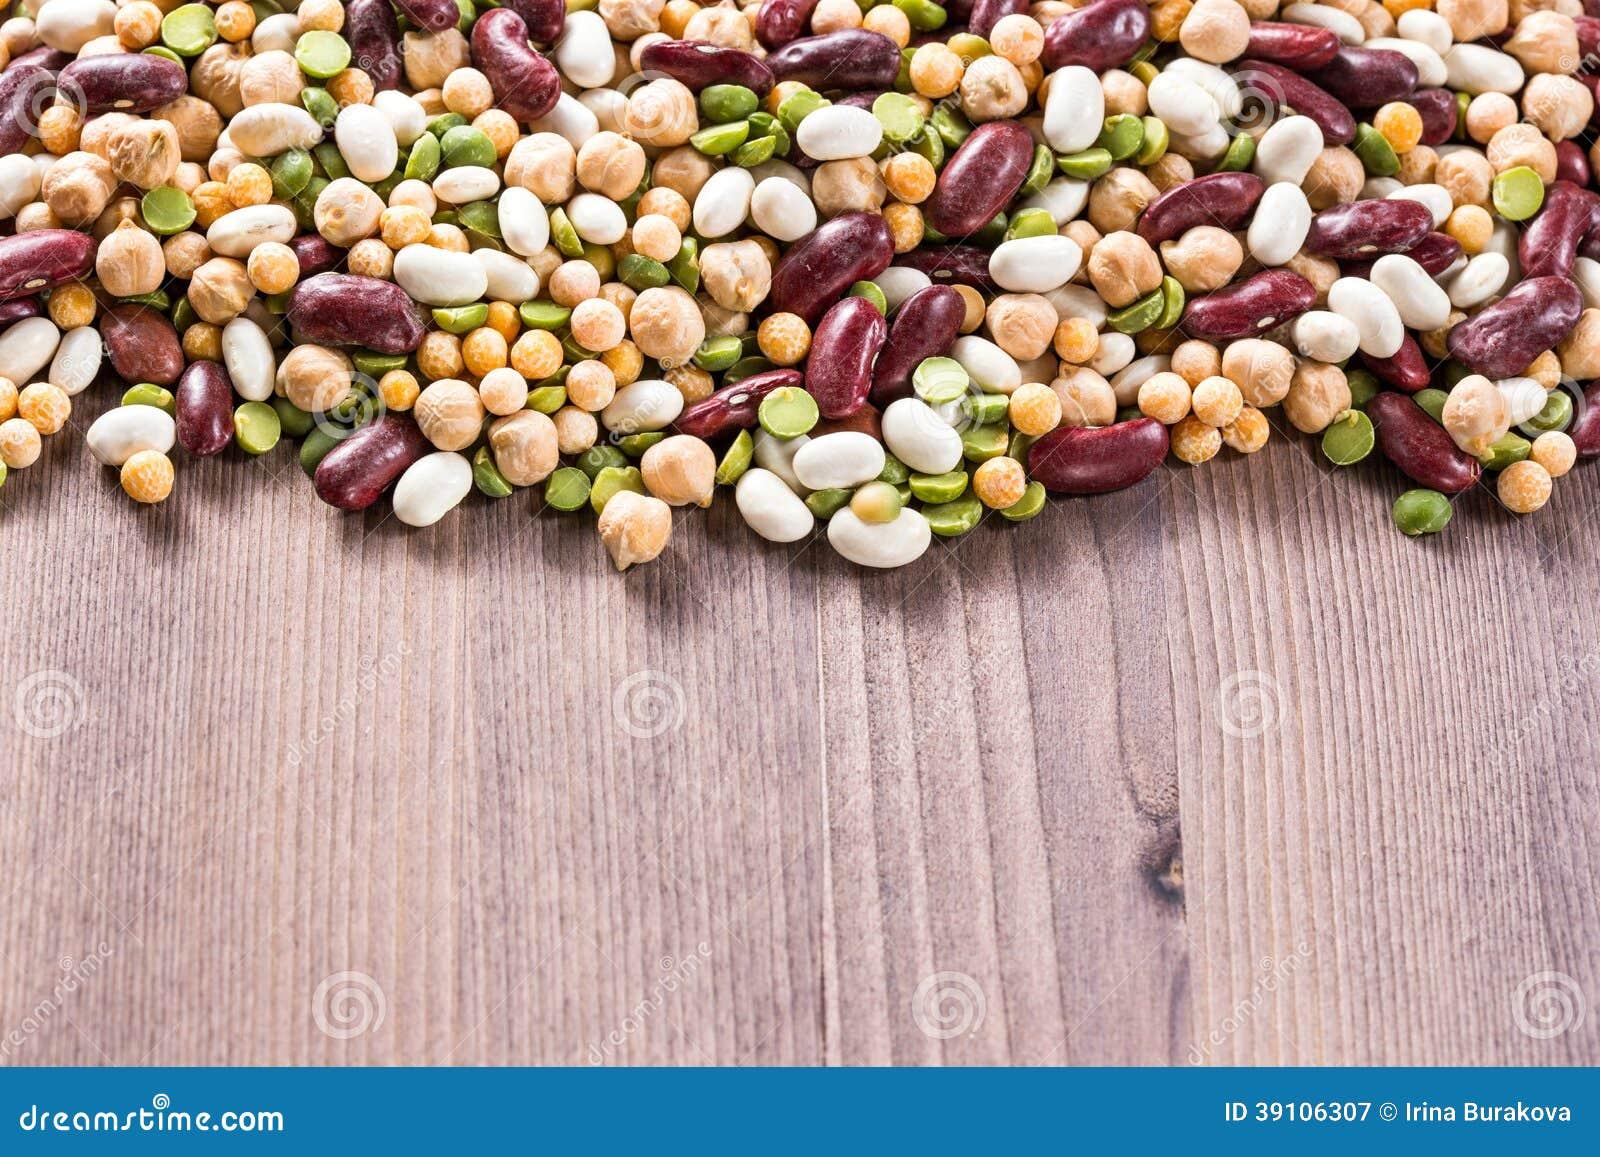 Assortiment van verschillende types van bonen